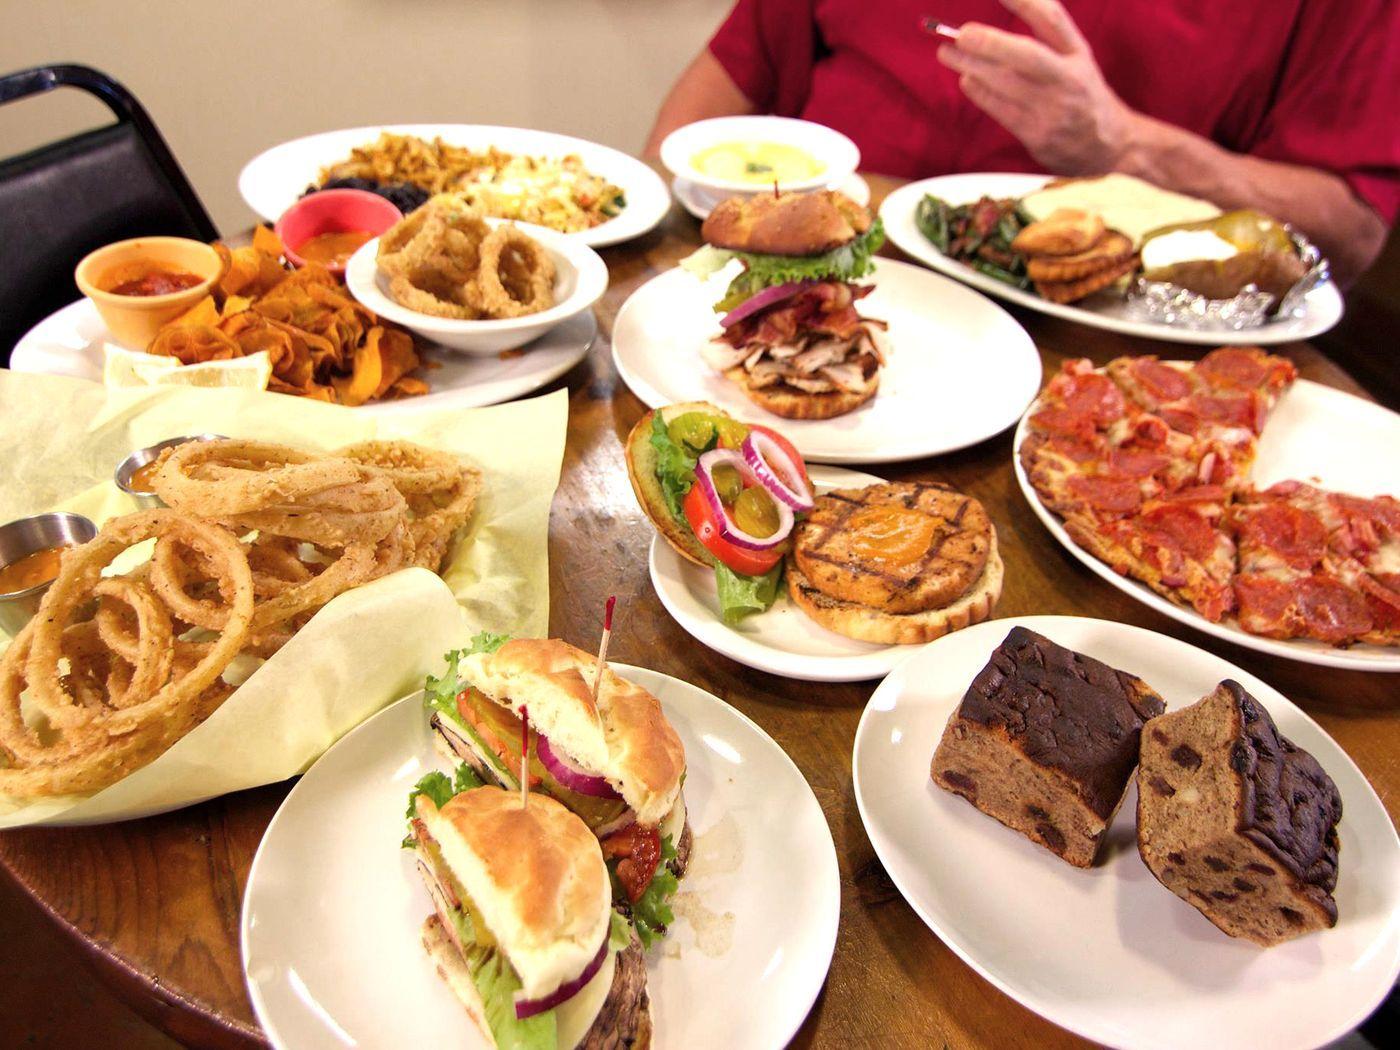 Best glutenfree restaurants and bakeries in austin